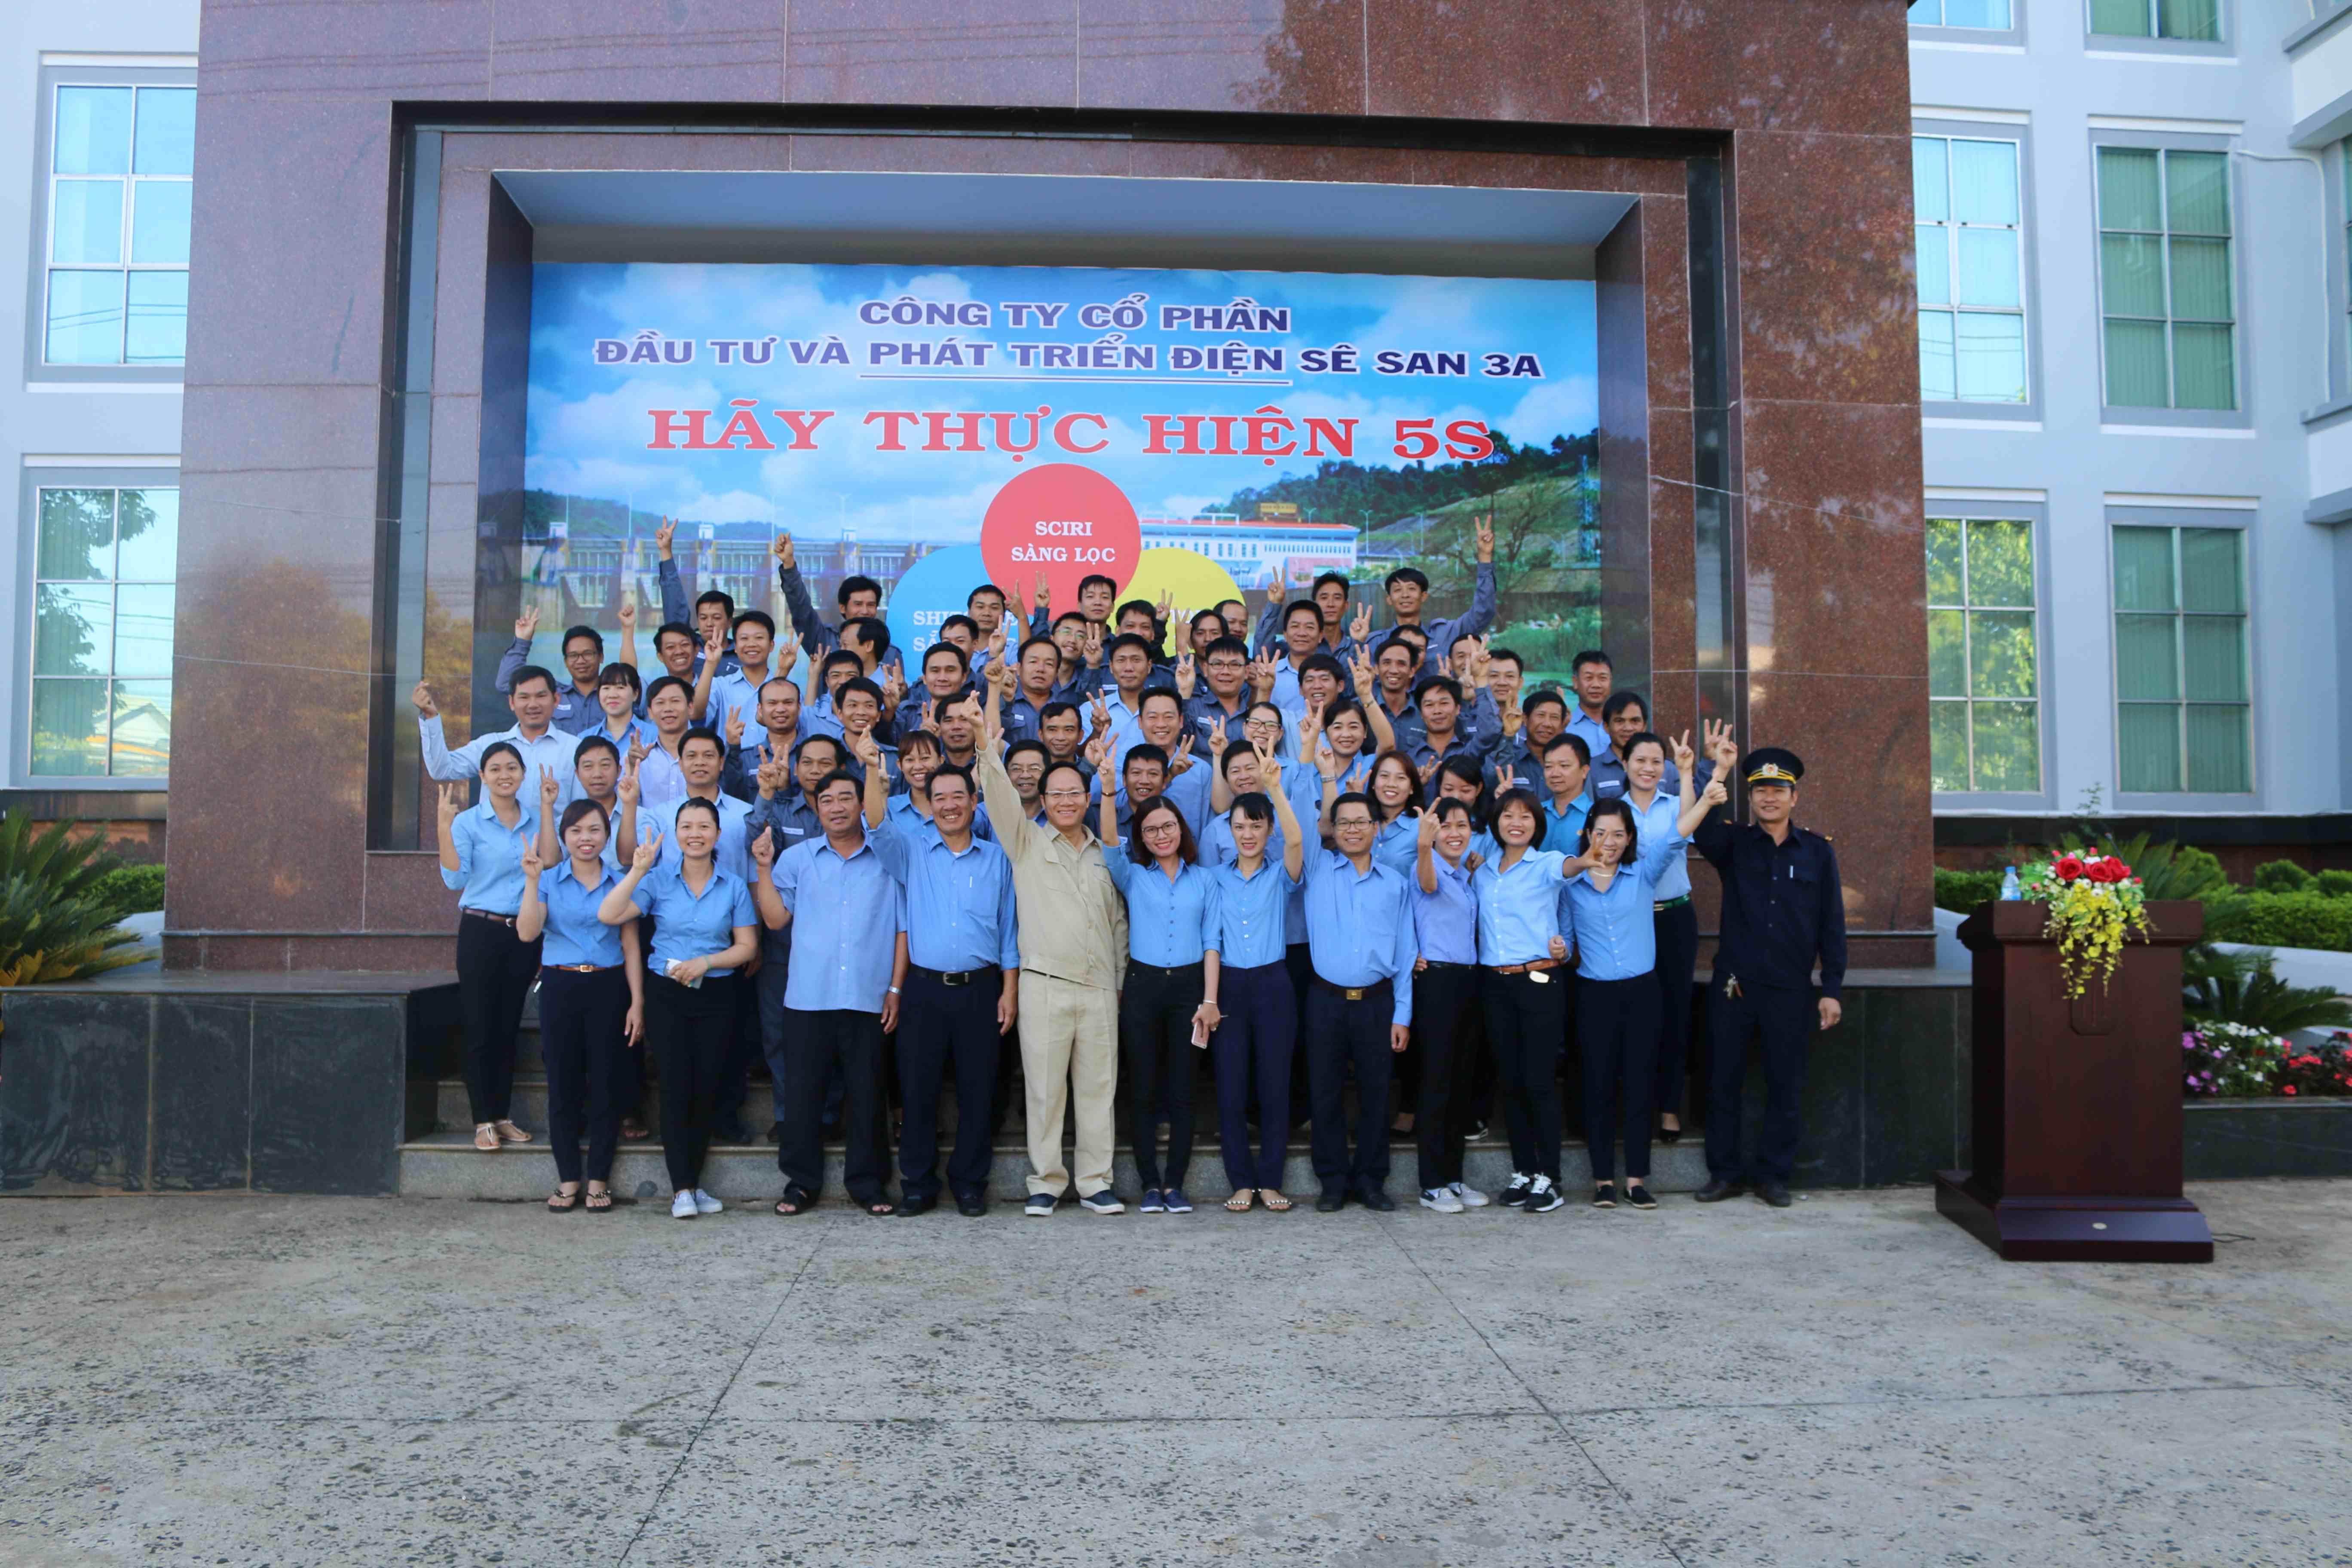 Tổng kết các hoạt động của Sê San 3A năm 2018